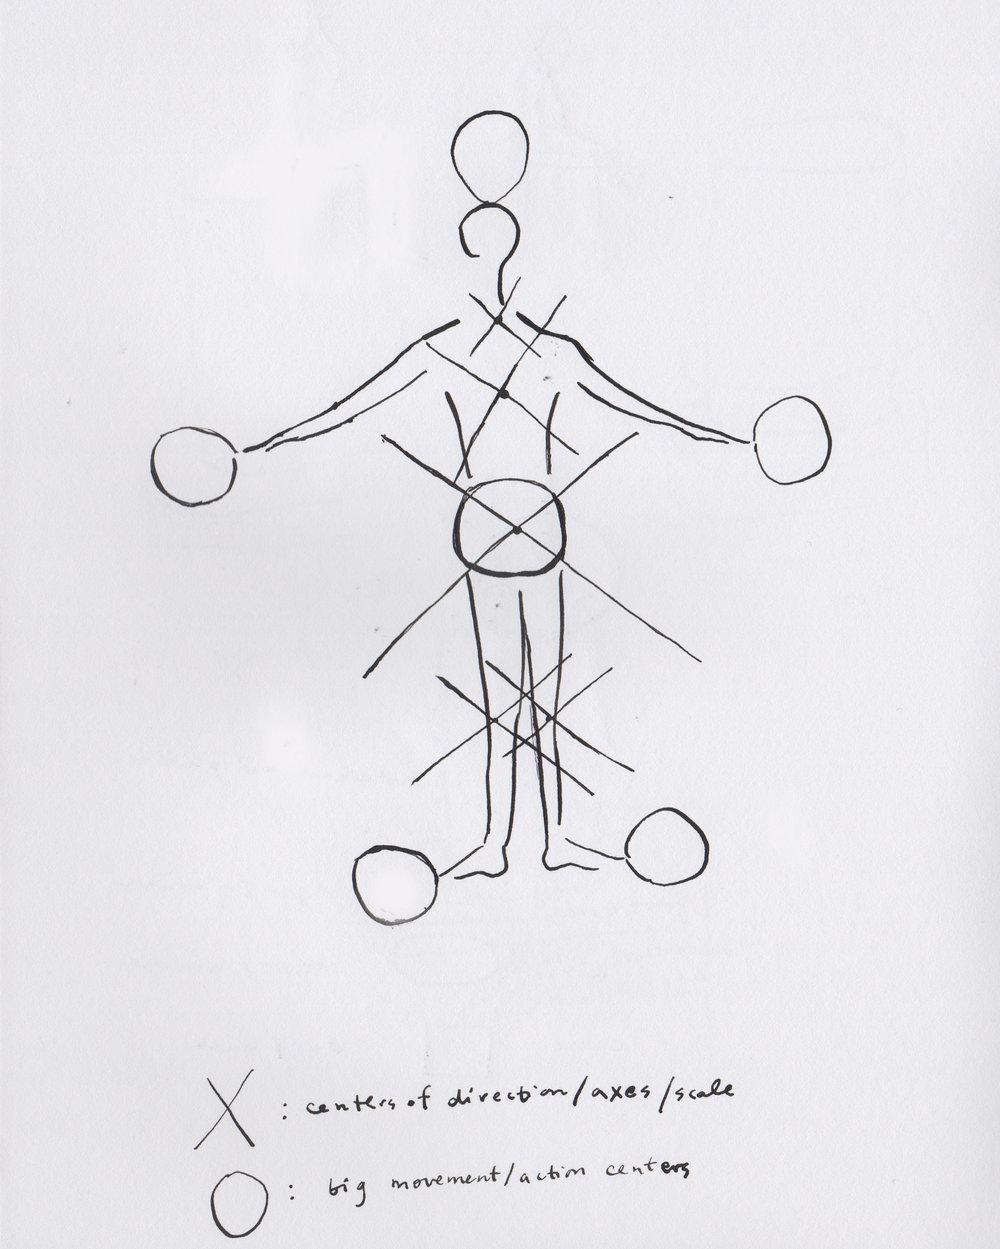 Body_diagram_A_edit.jpg